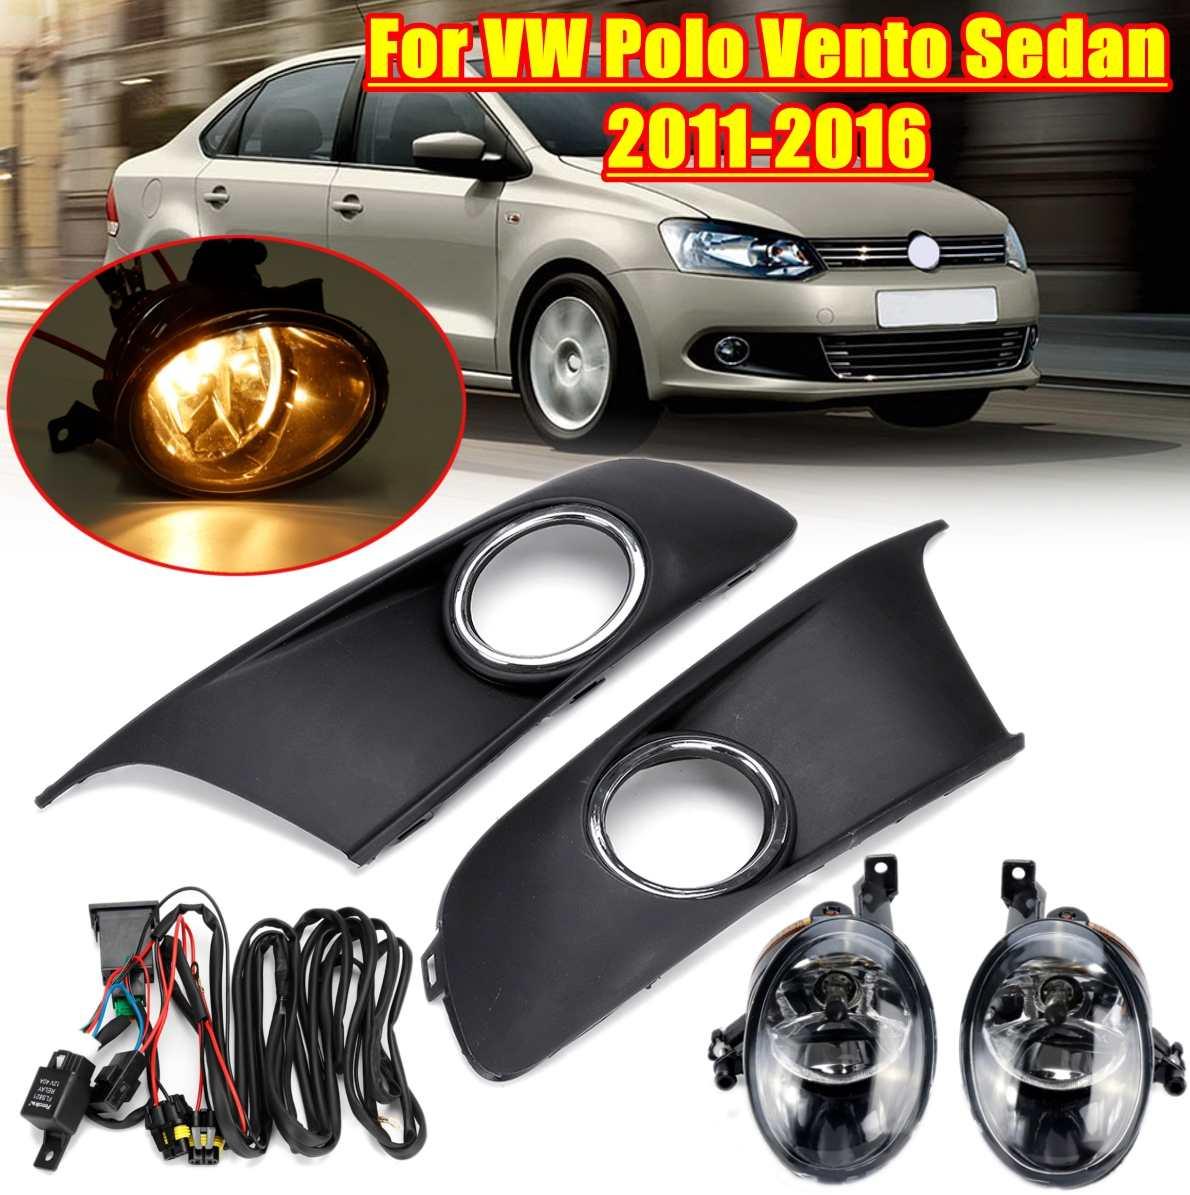 Car Light Fog Light Fog Lamp Fog Light Cover And Harness Assembly For VW Polo Vento Sedan Saloon 2011 2012 2013 2014 2015 2016